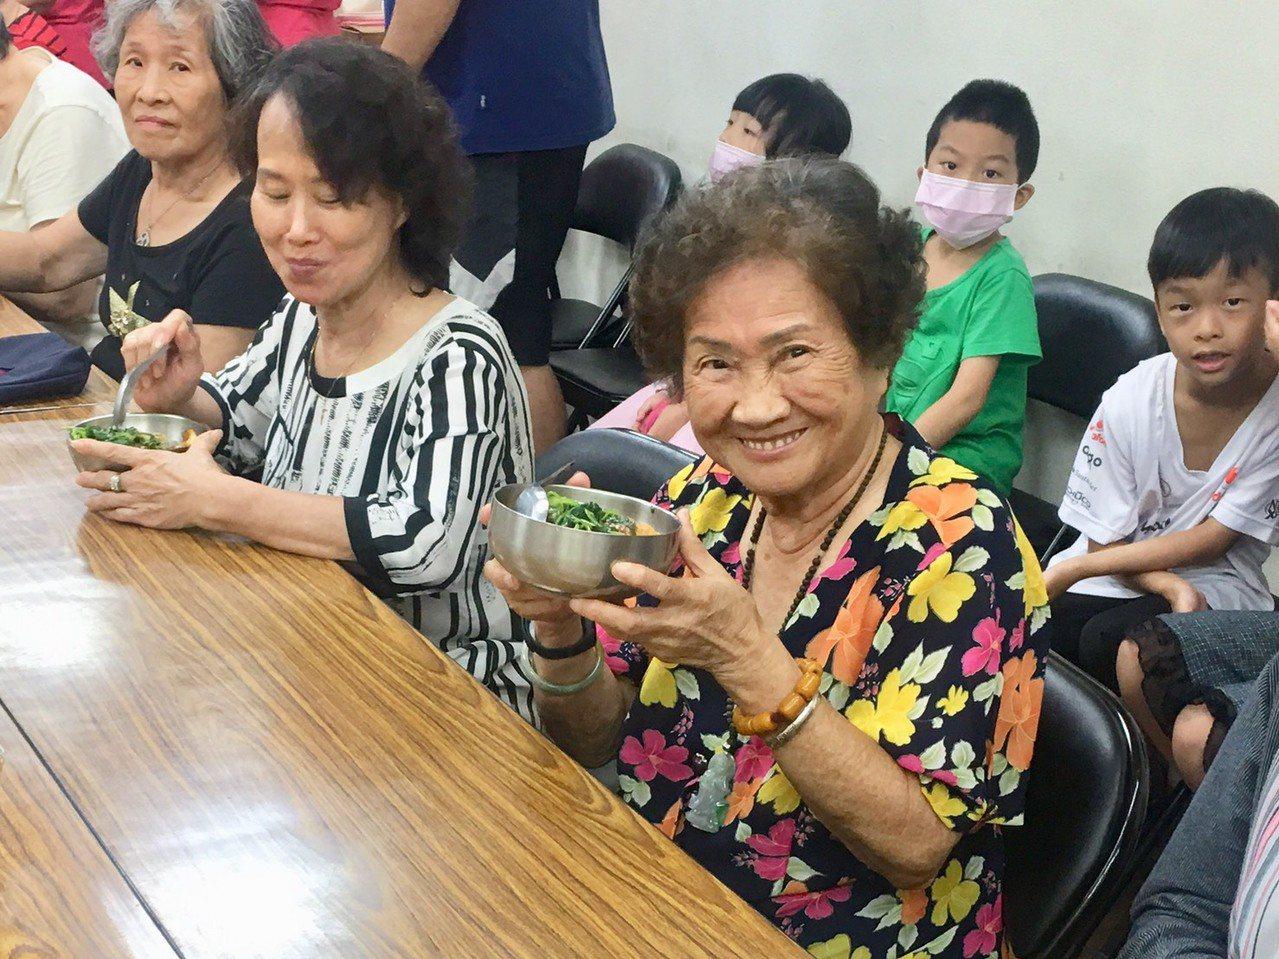 90歲的黃秀琴阿嬤說「吃素真的很好」。記者魏莨伊/攝影